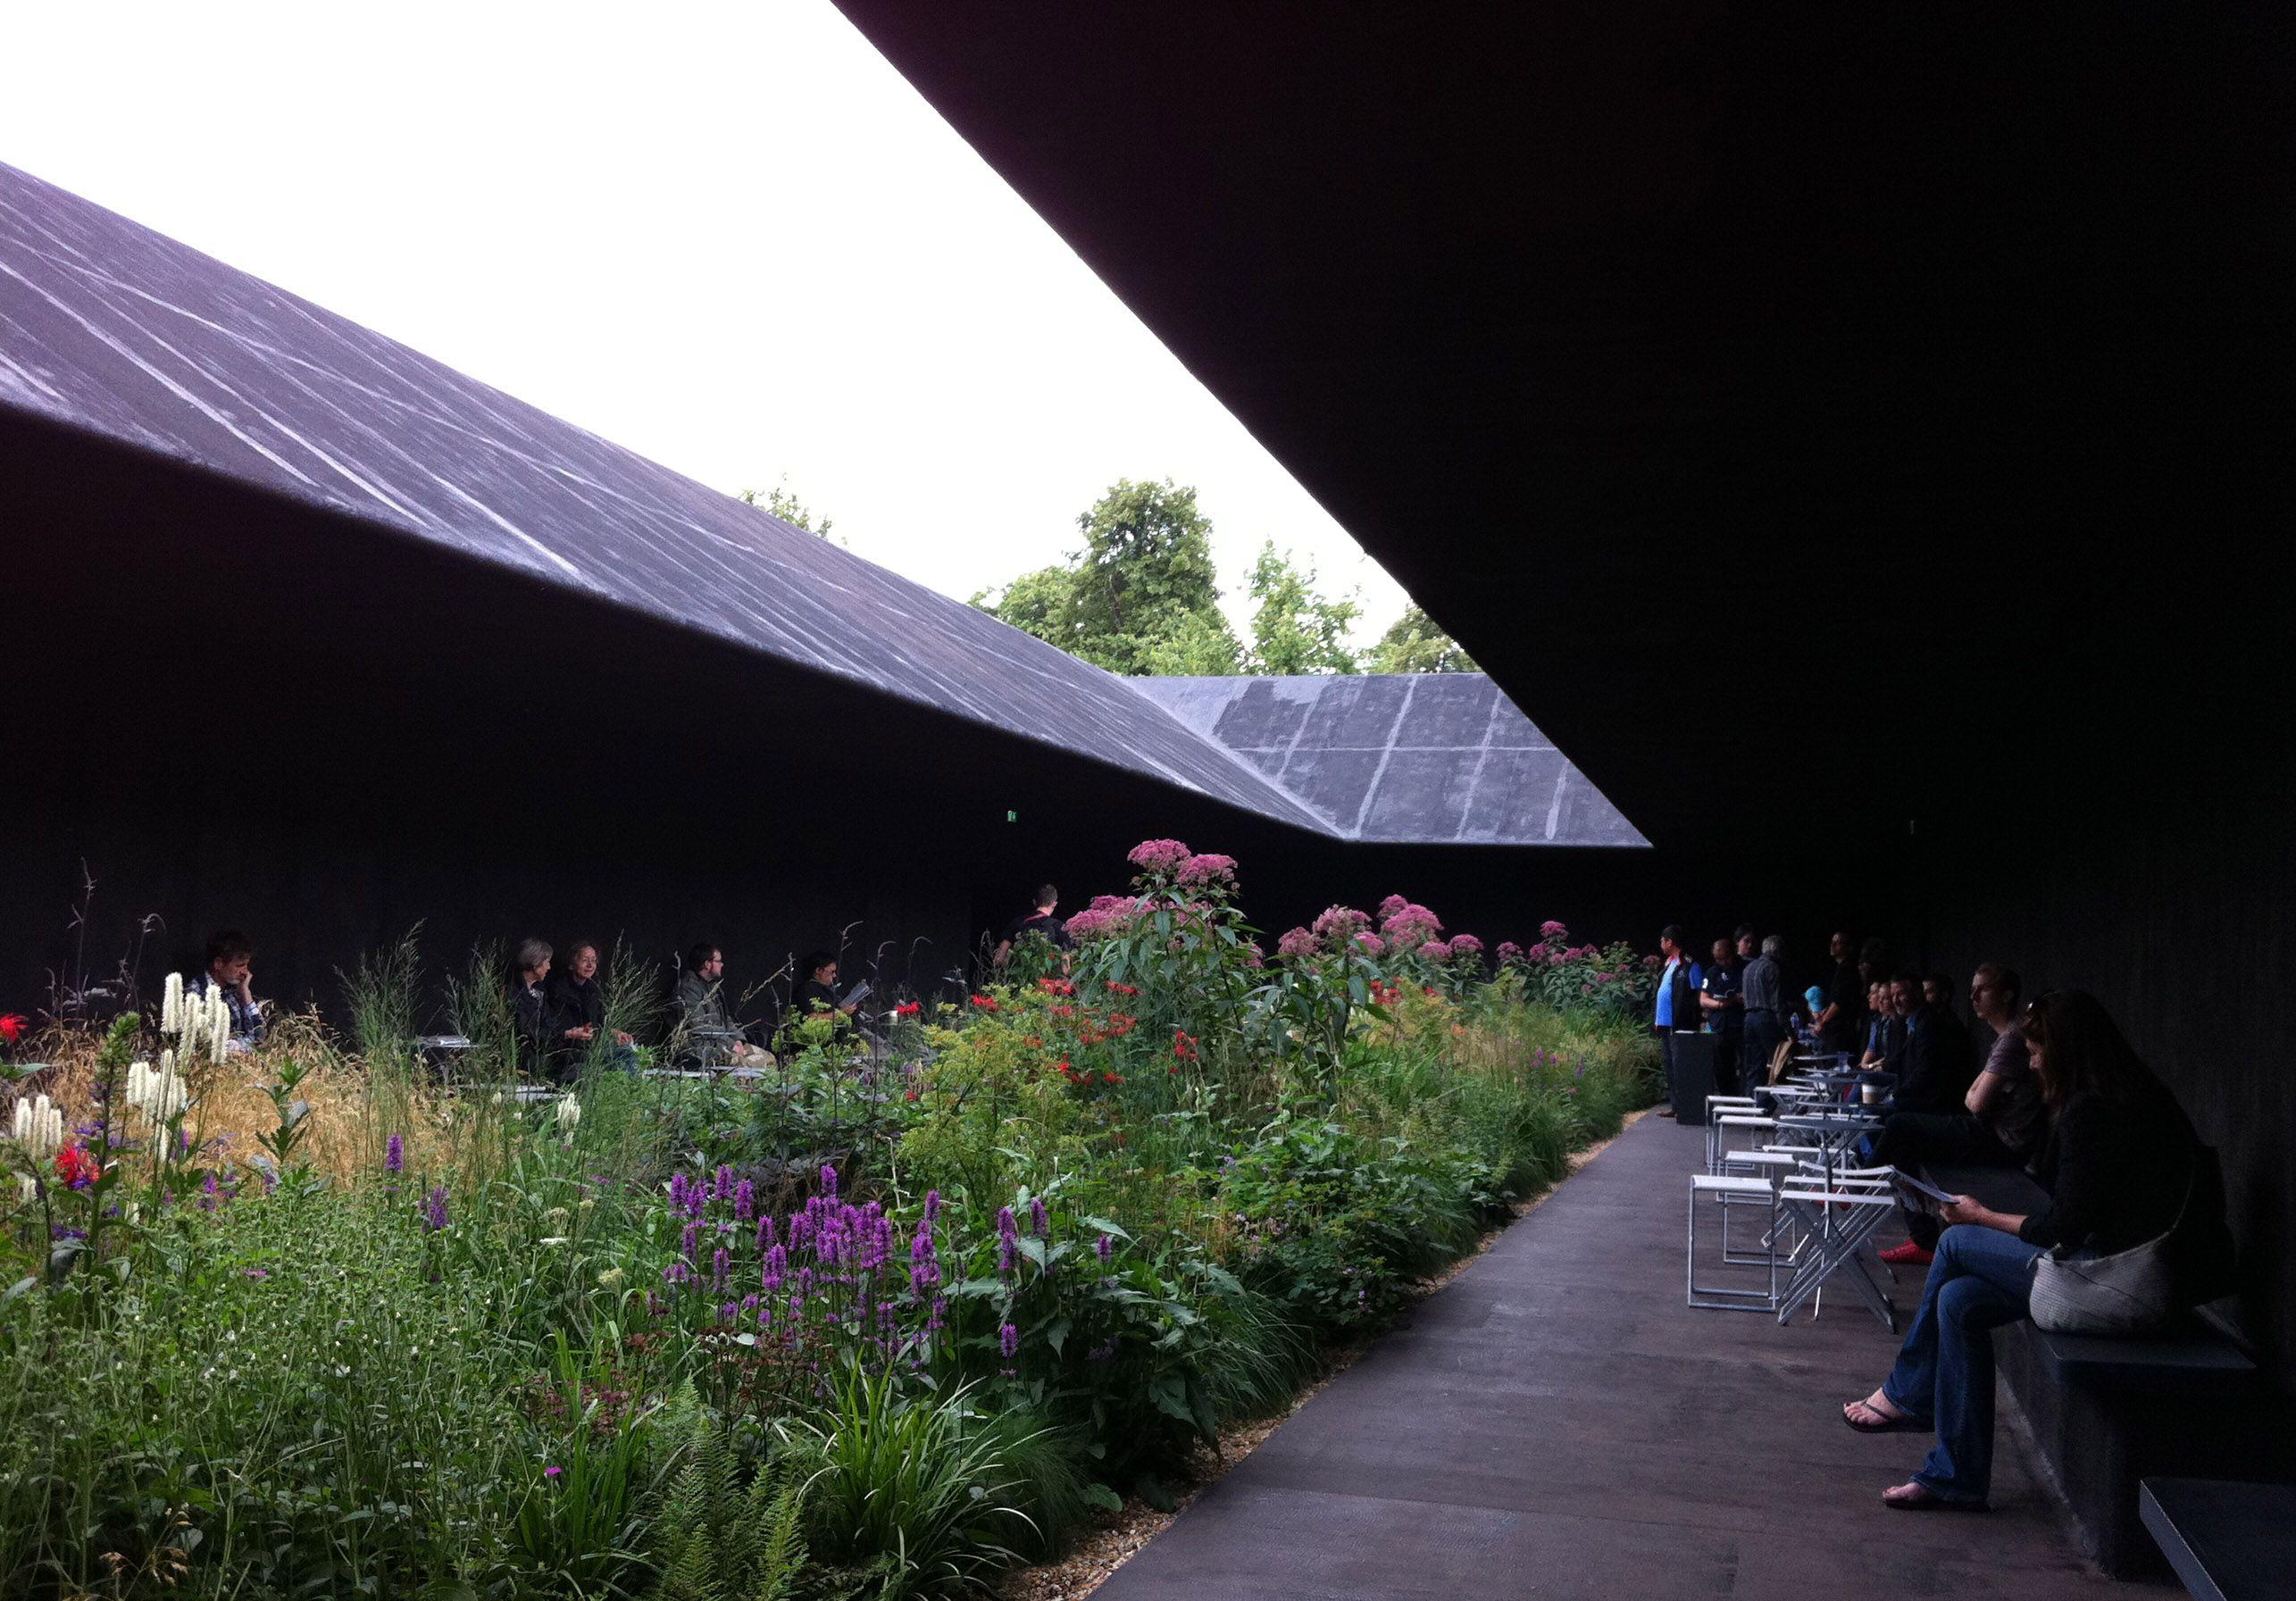 Kevin Pollard Zumthor's Serpentine Pavilion